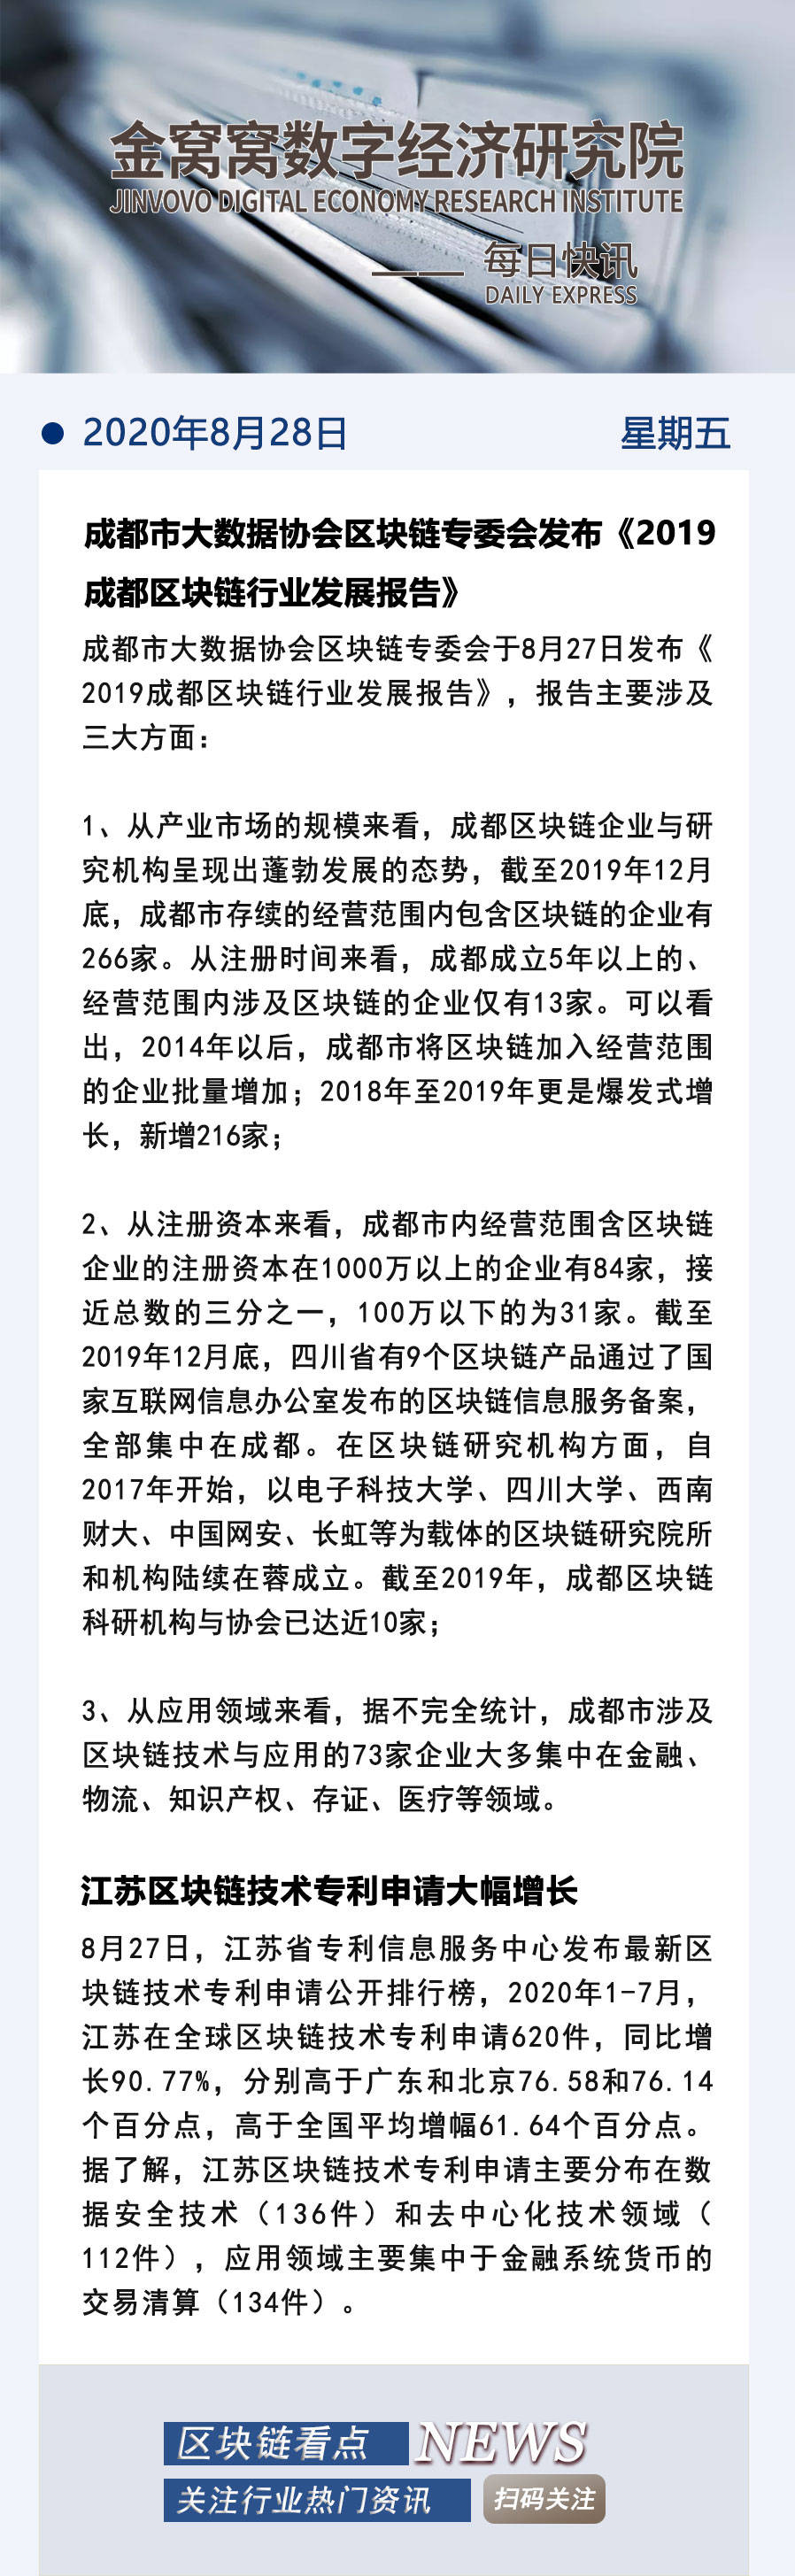 http://www.reviewcode.cn/yunjisuan/169195.html